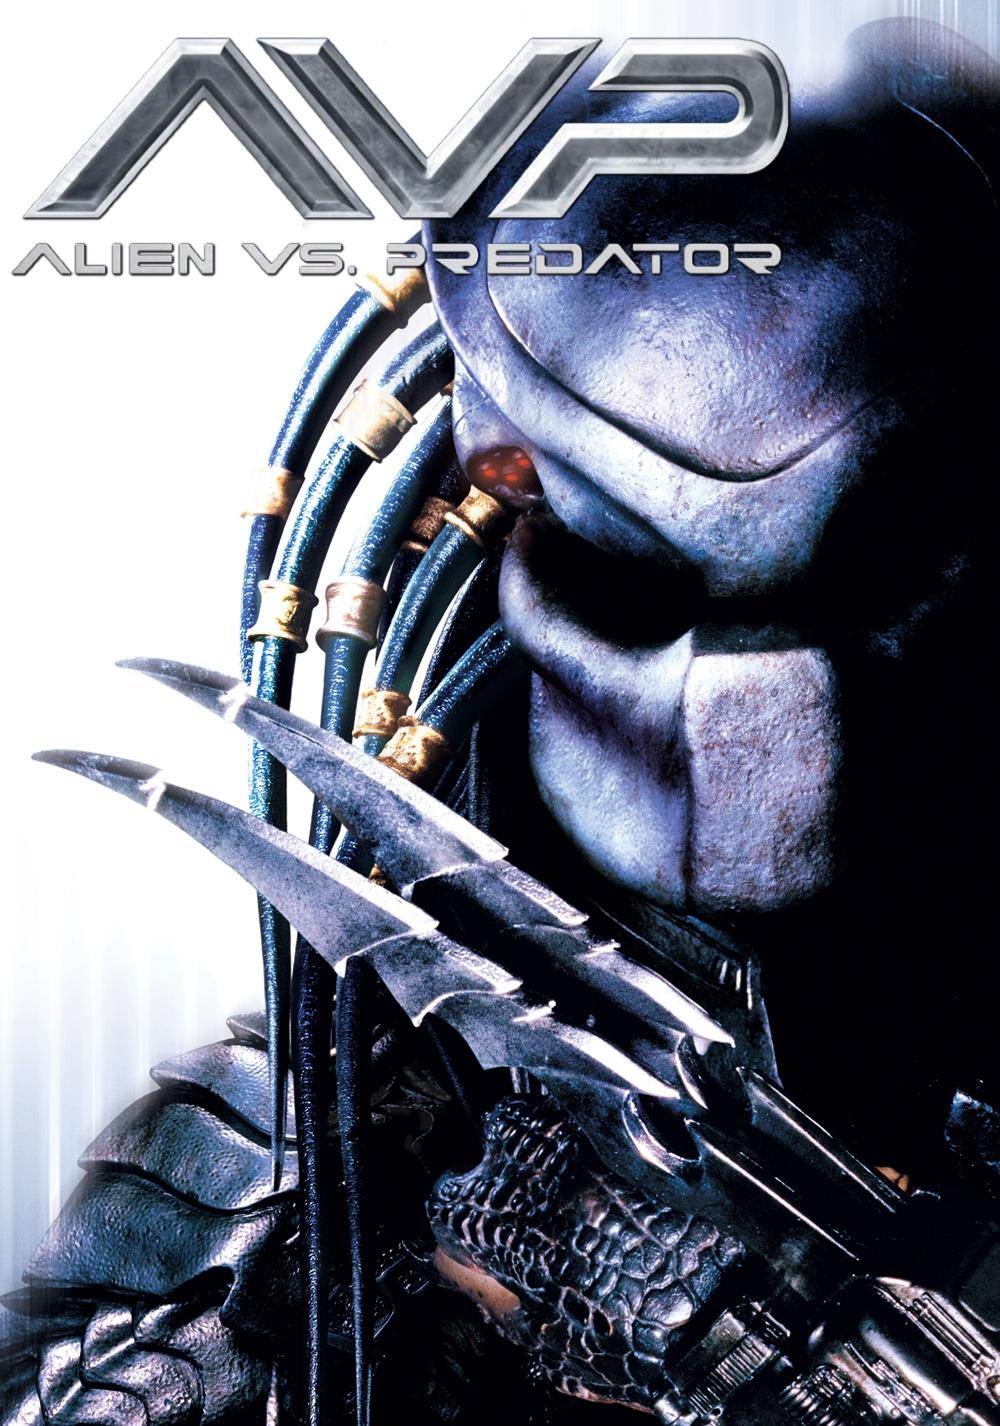 alien vs predator 1 movie - photo #5